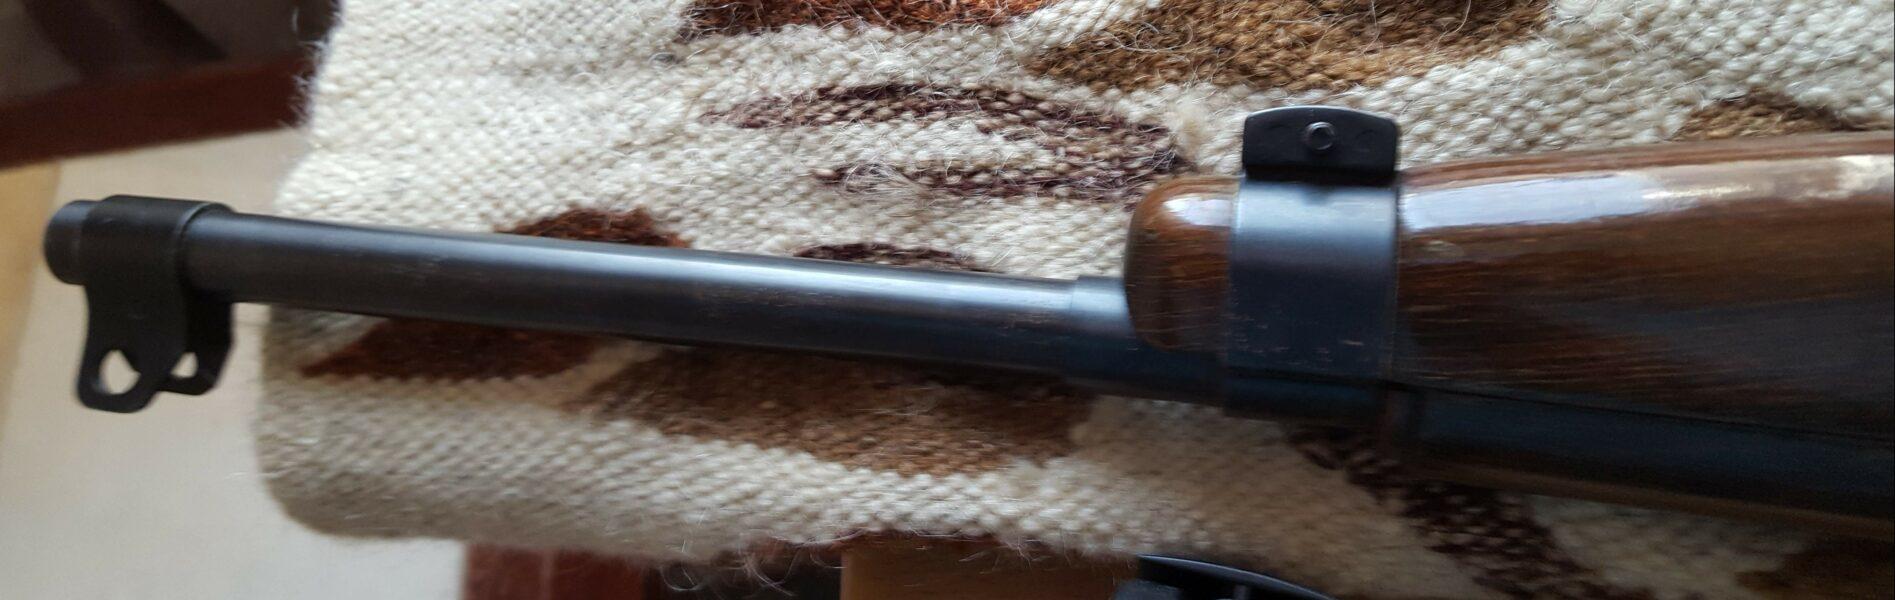 Gewehr Erma M1 093050